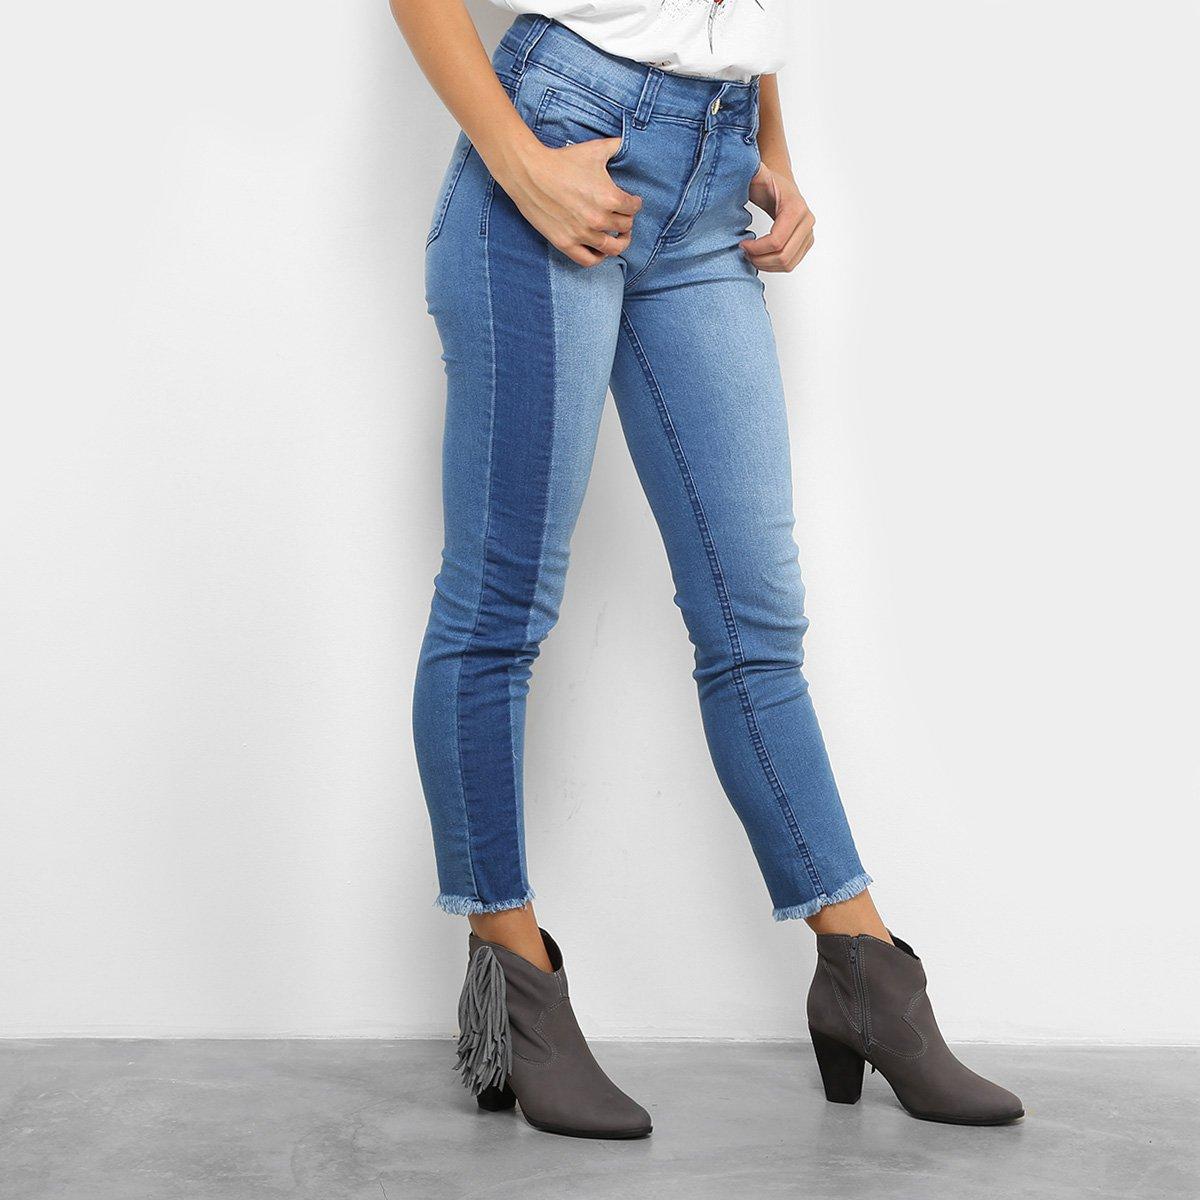 481637d3c Calça Jeans Skinny Colcci Base Bia Barra Desfiada Cintura Alta Feminina.  undefined